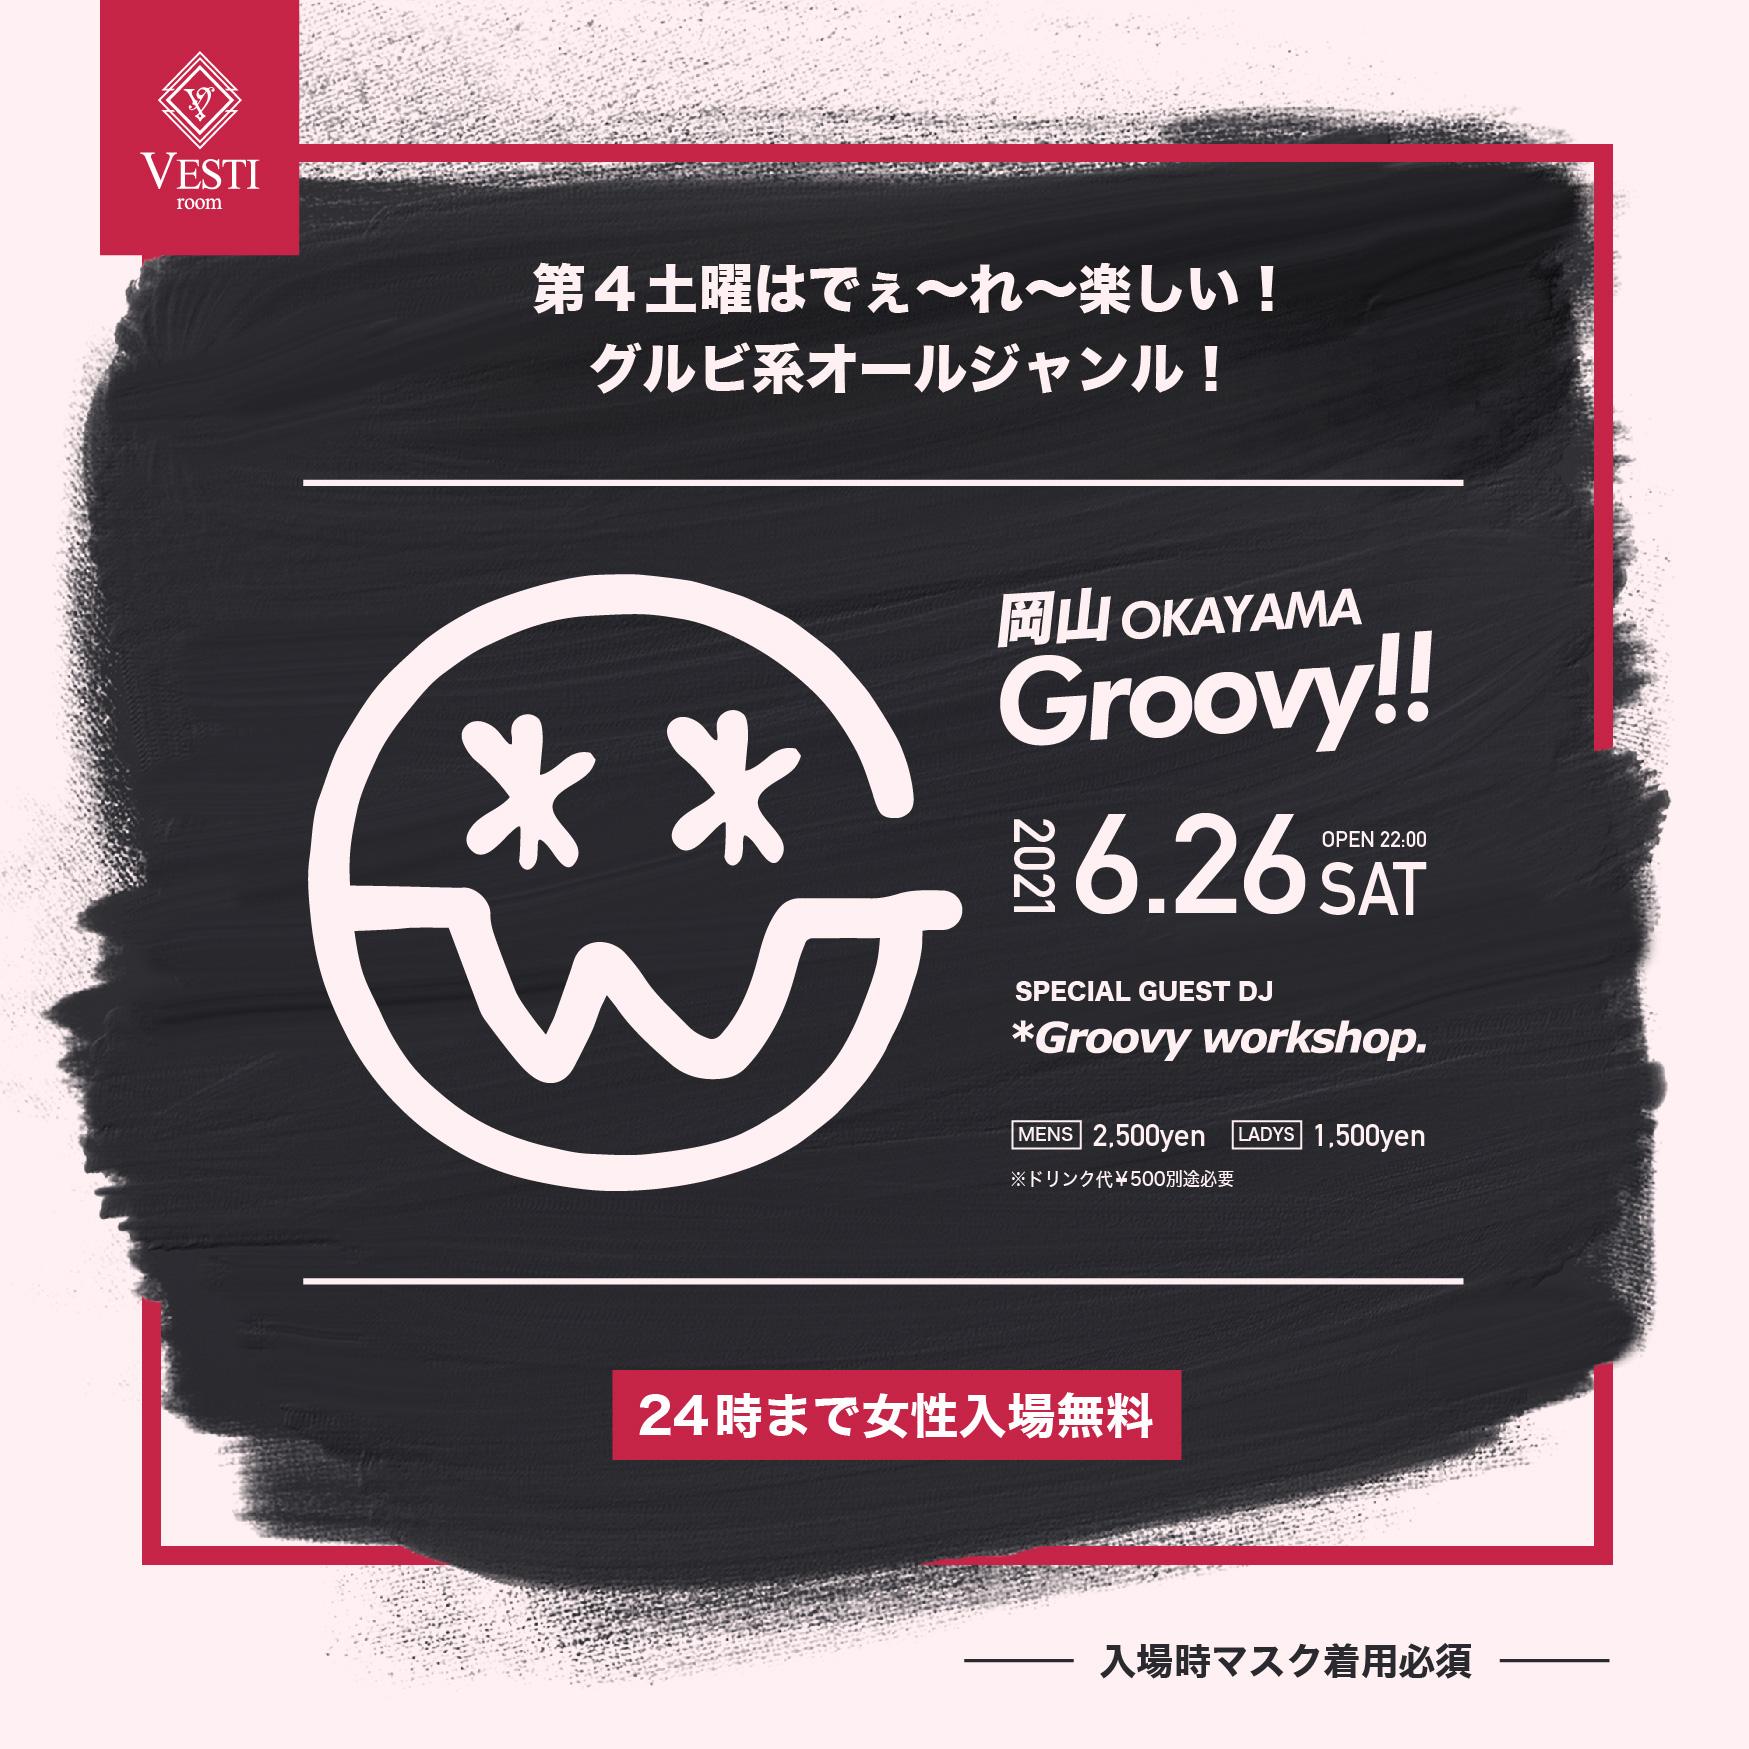 [ 時短営業要請に従い臨時休業させていただきます ] 岡山Groovy!! ~Guest : DJ *Groovy workshop.~